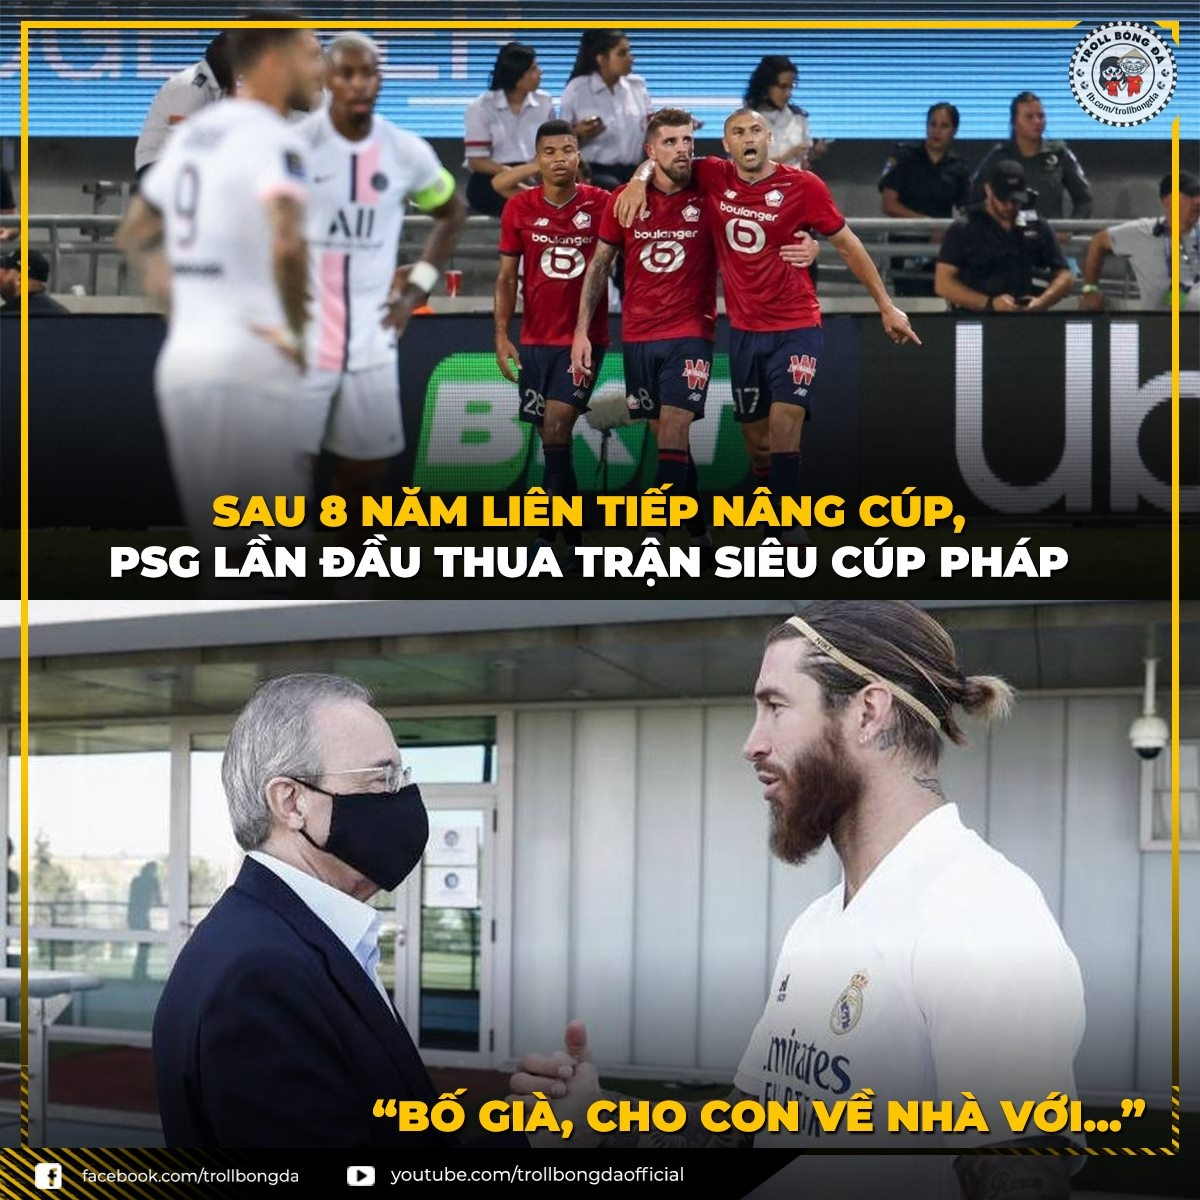 """Sergio Ramos bắt đầu """"hối hận"""" khi đến PSG (Ảnh: Troll bóng đá)."""